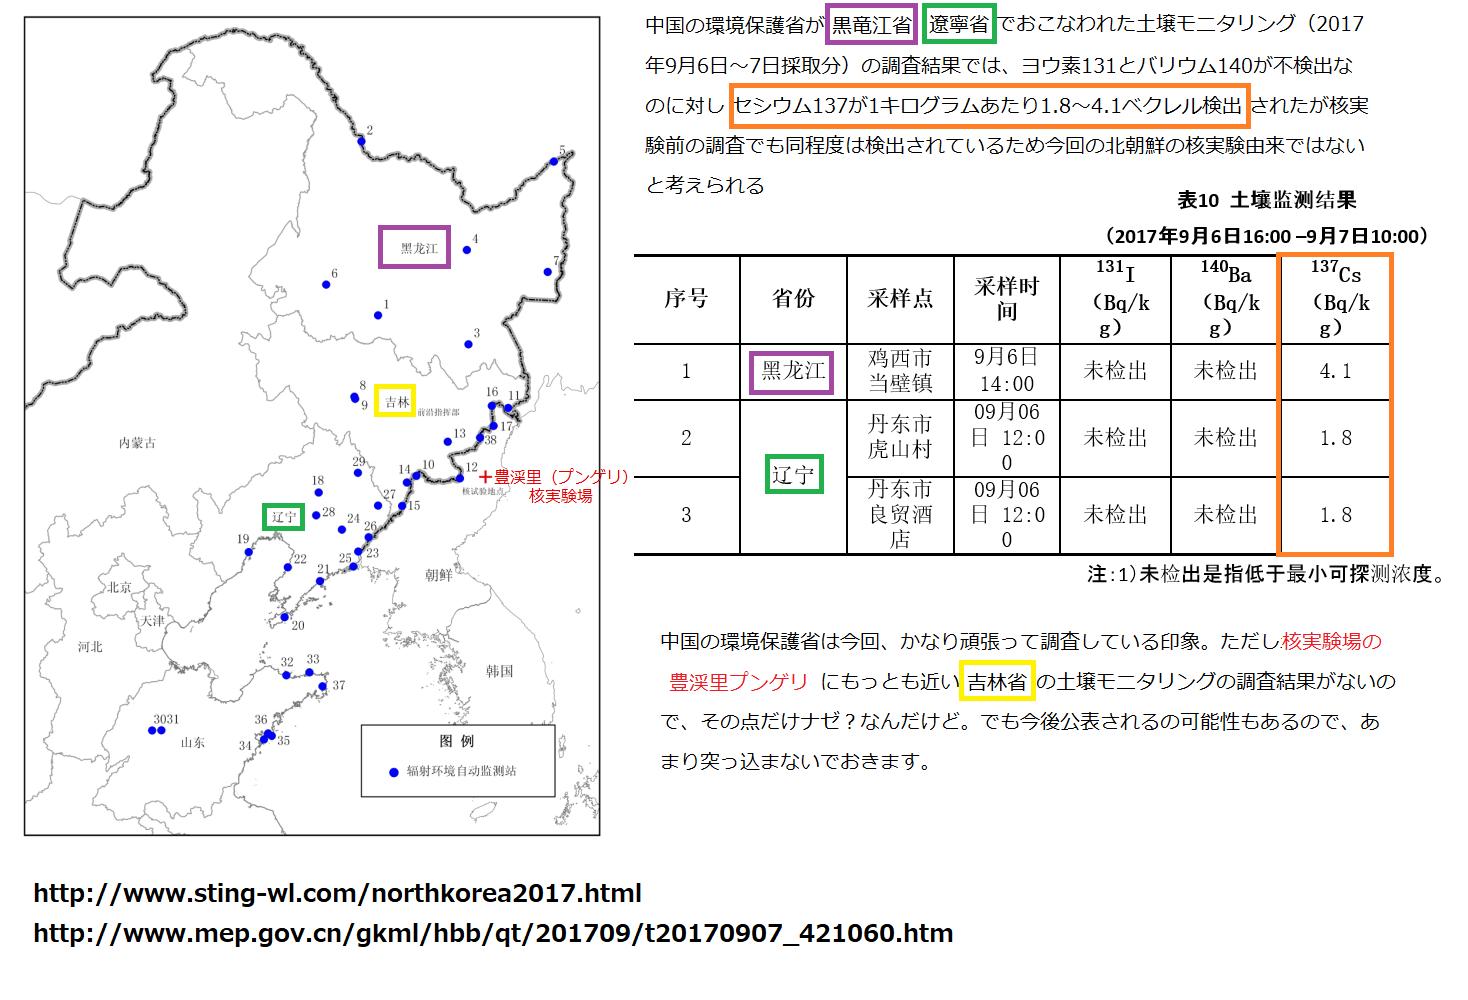 中国の環境保護省の土壌モニタリングで黒竜江省、遼寧省からセシウム137が検出されたがもっとも北朝鮮の核実験場である豊渓里(プンゲリ)に近い吉林省が未検査の件